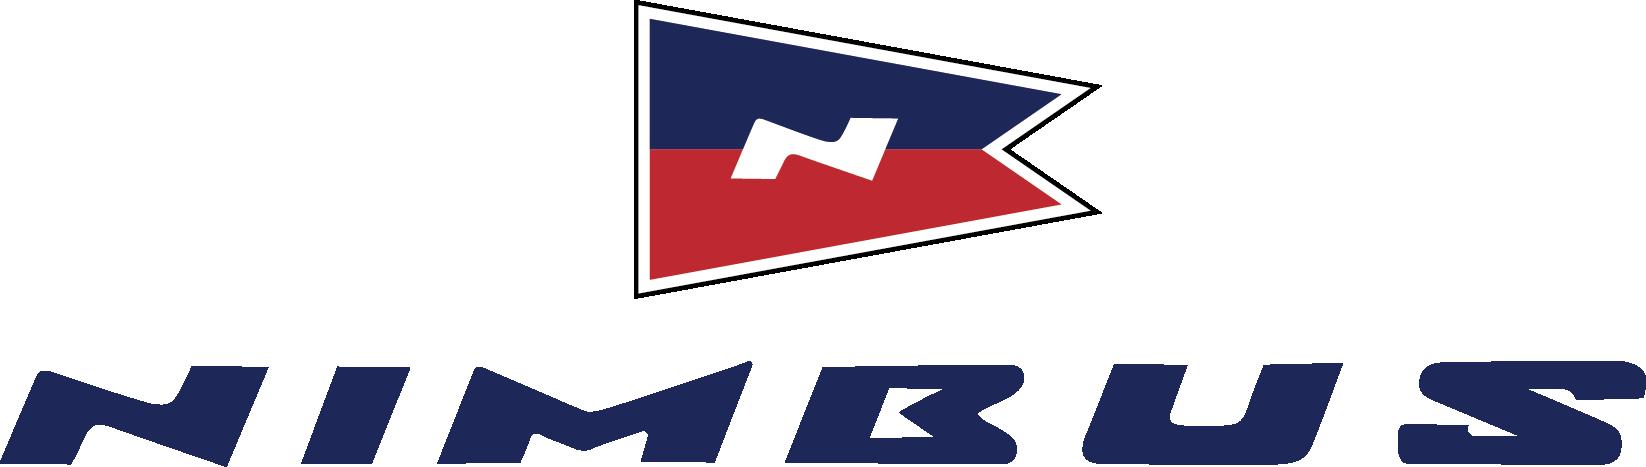 Nimbus logo x5 | Nimbus Centre, Cork Institute of Technology